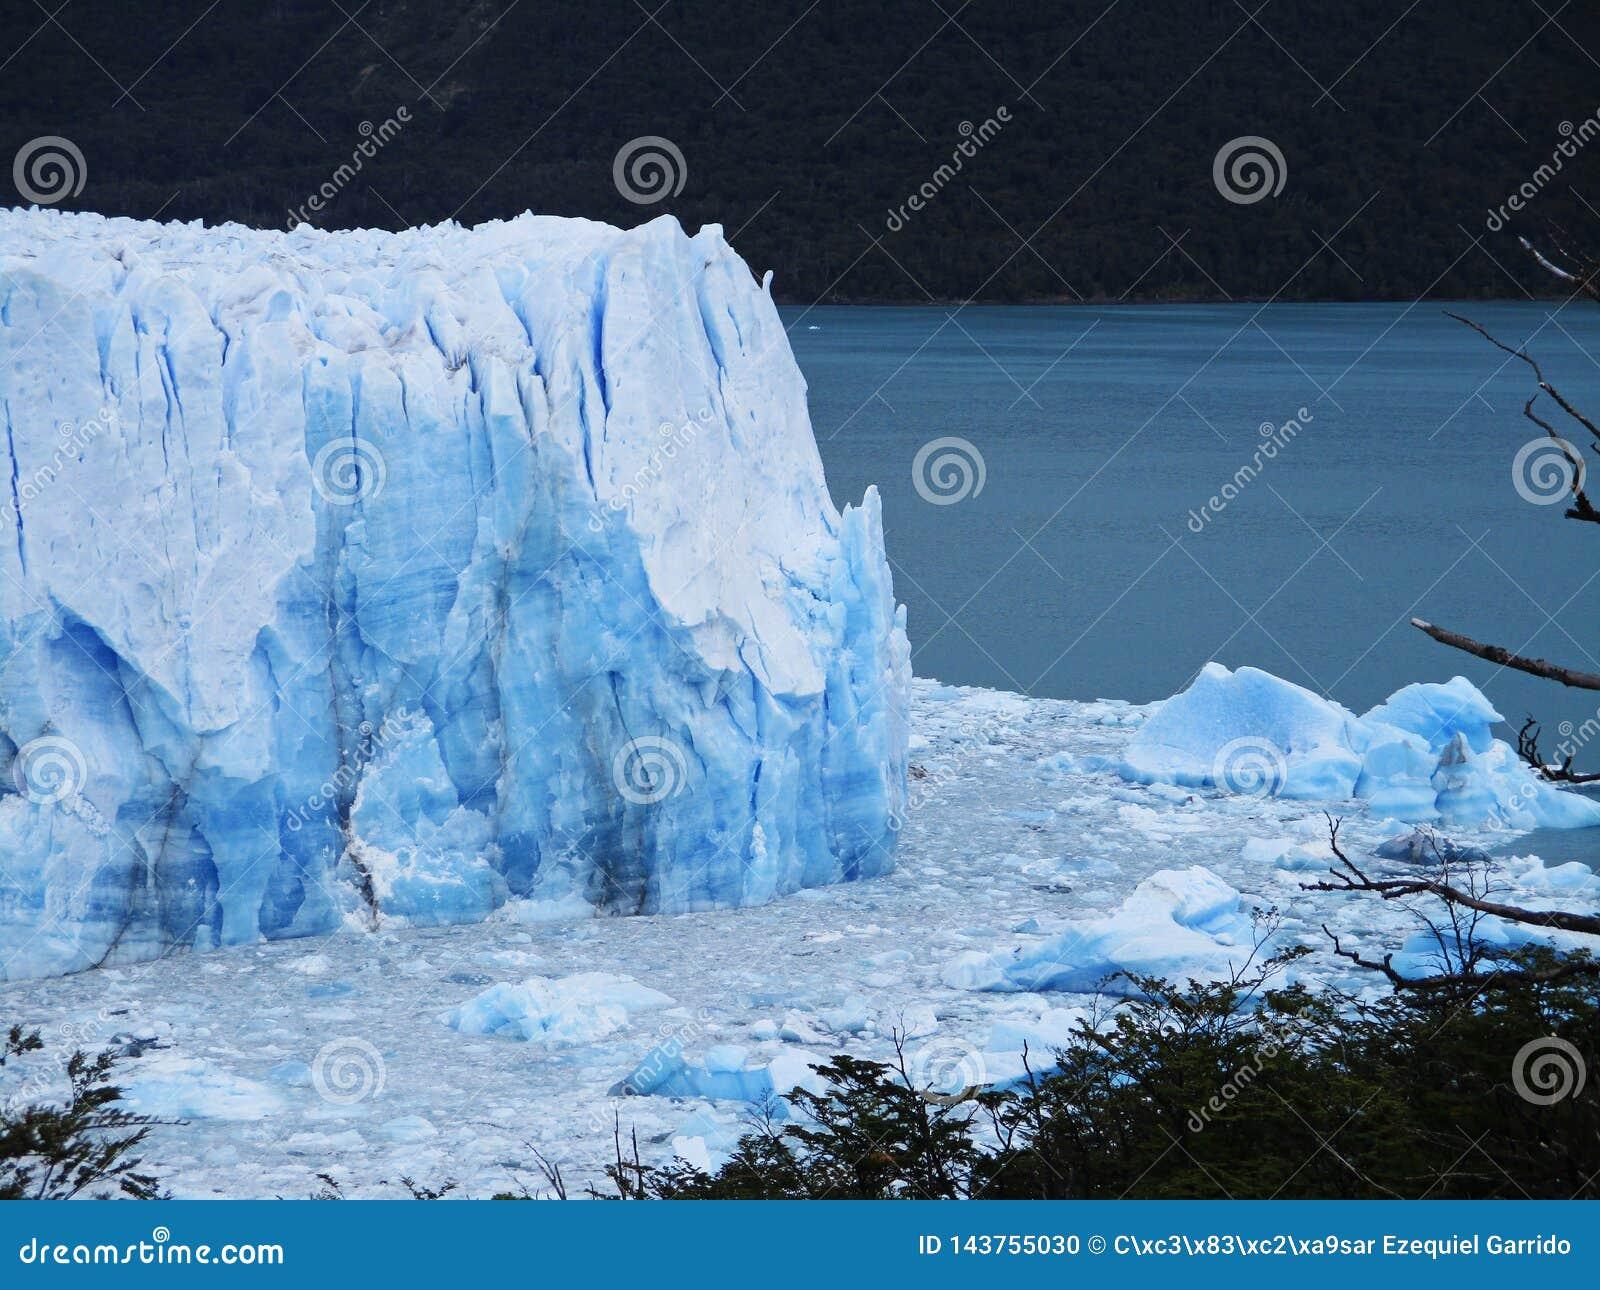 Perito Moreno Glacier View